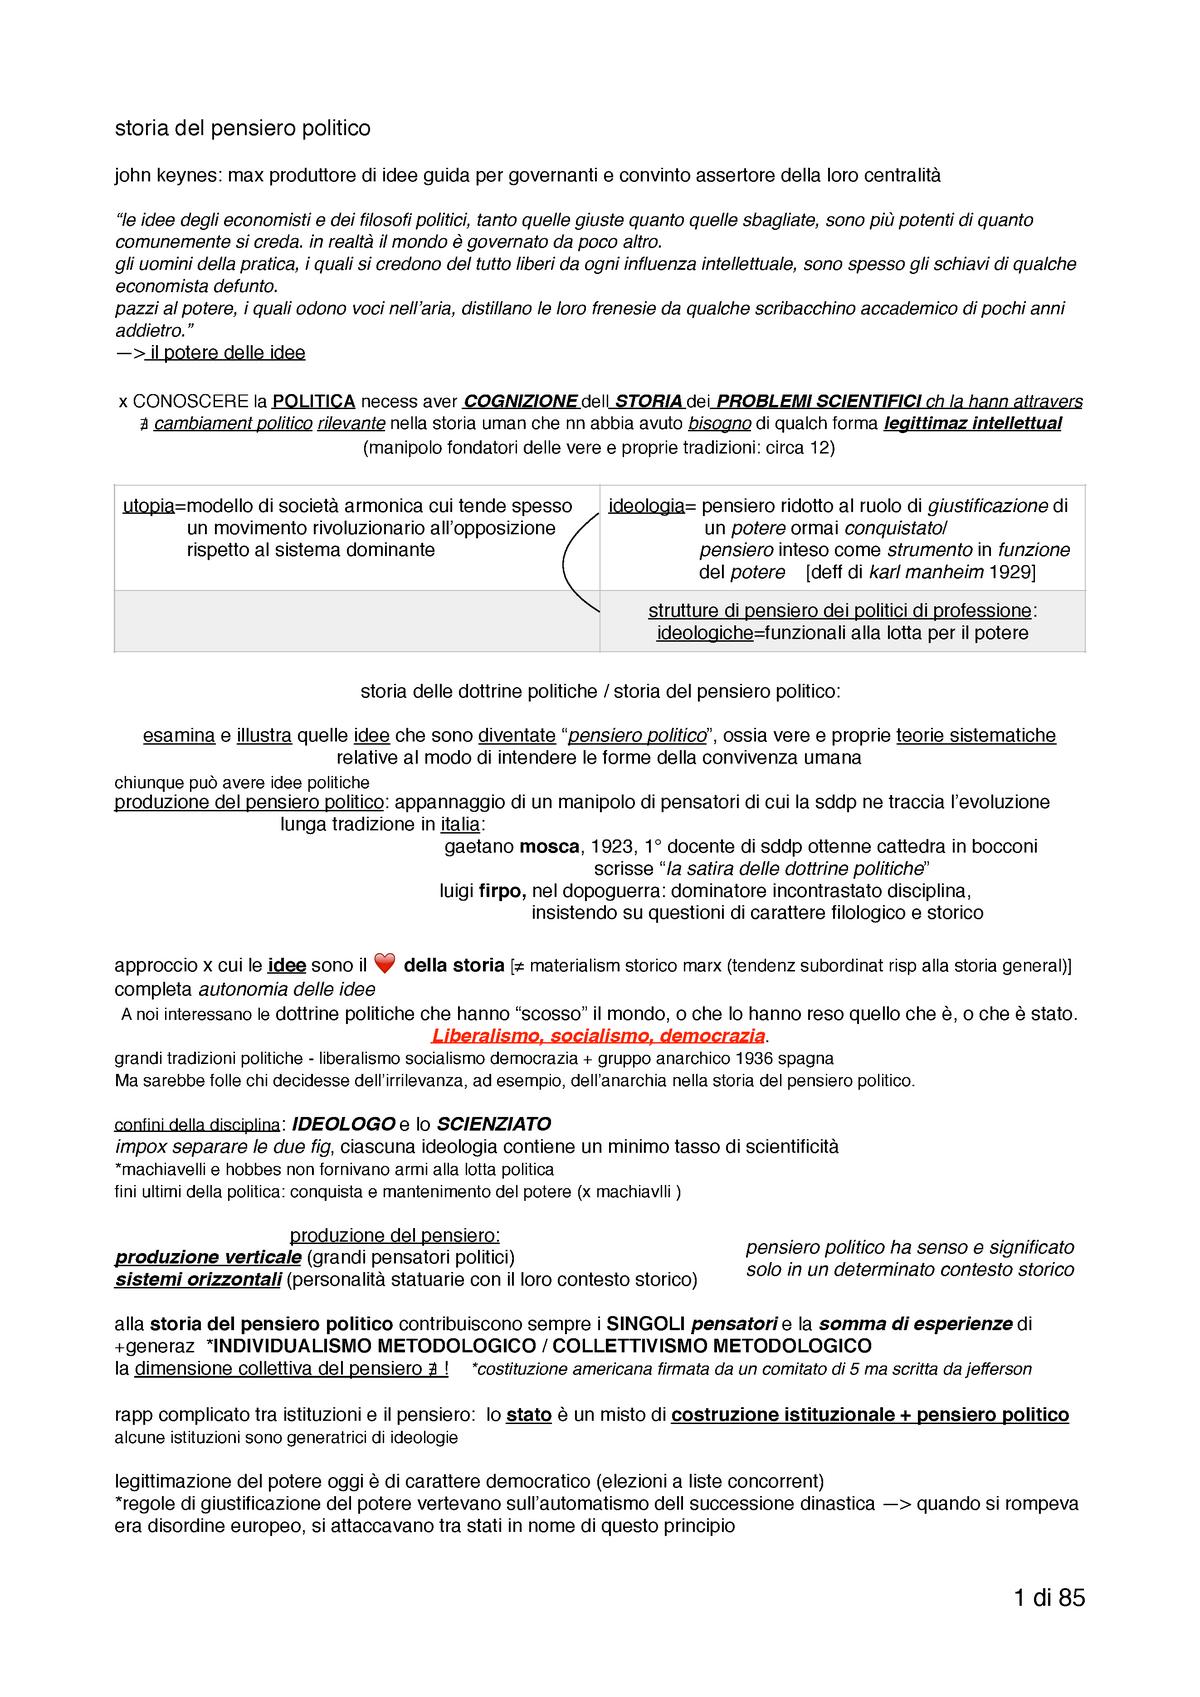 Riassunto-dalla-polis-allo-stato-integrazione-slide-e-appunt